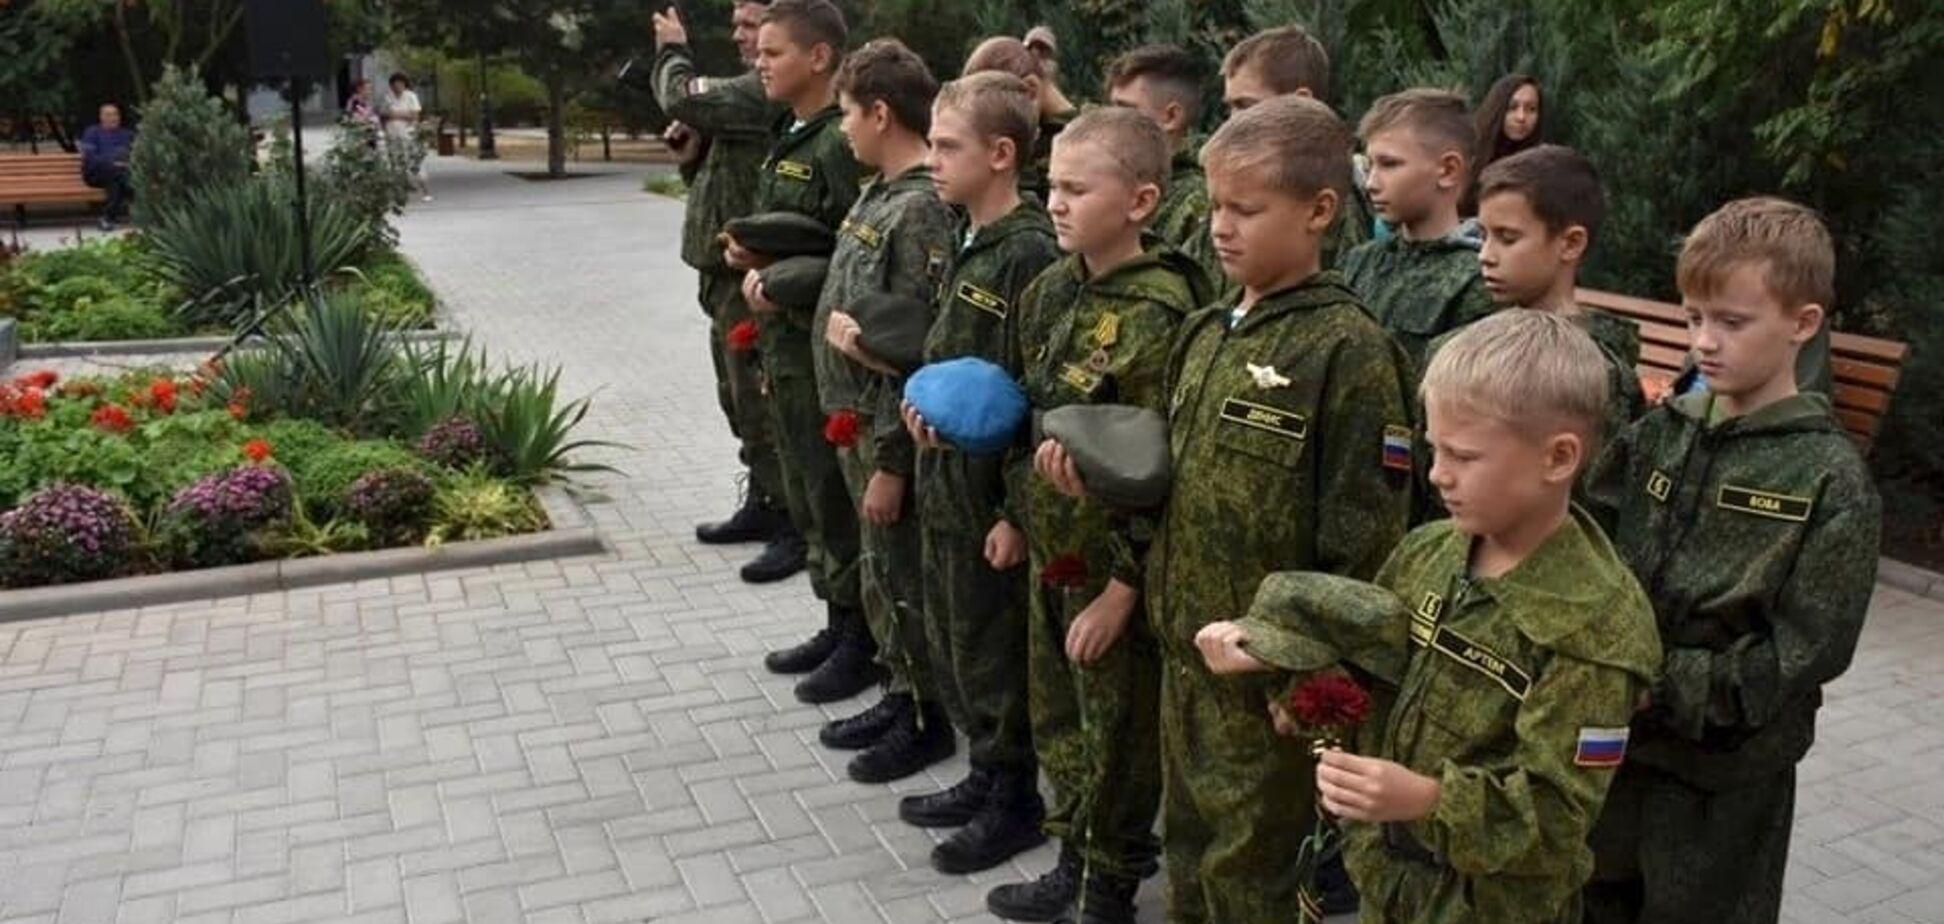 Діти у військовій формі